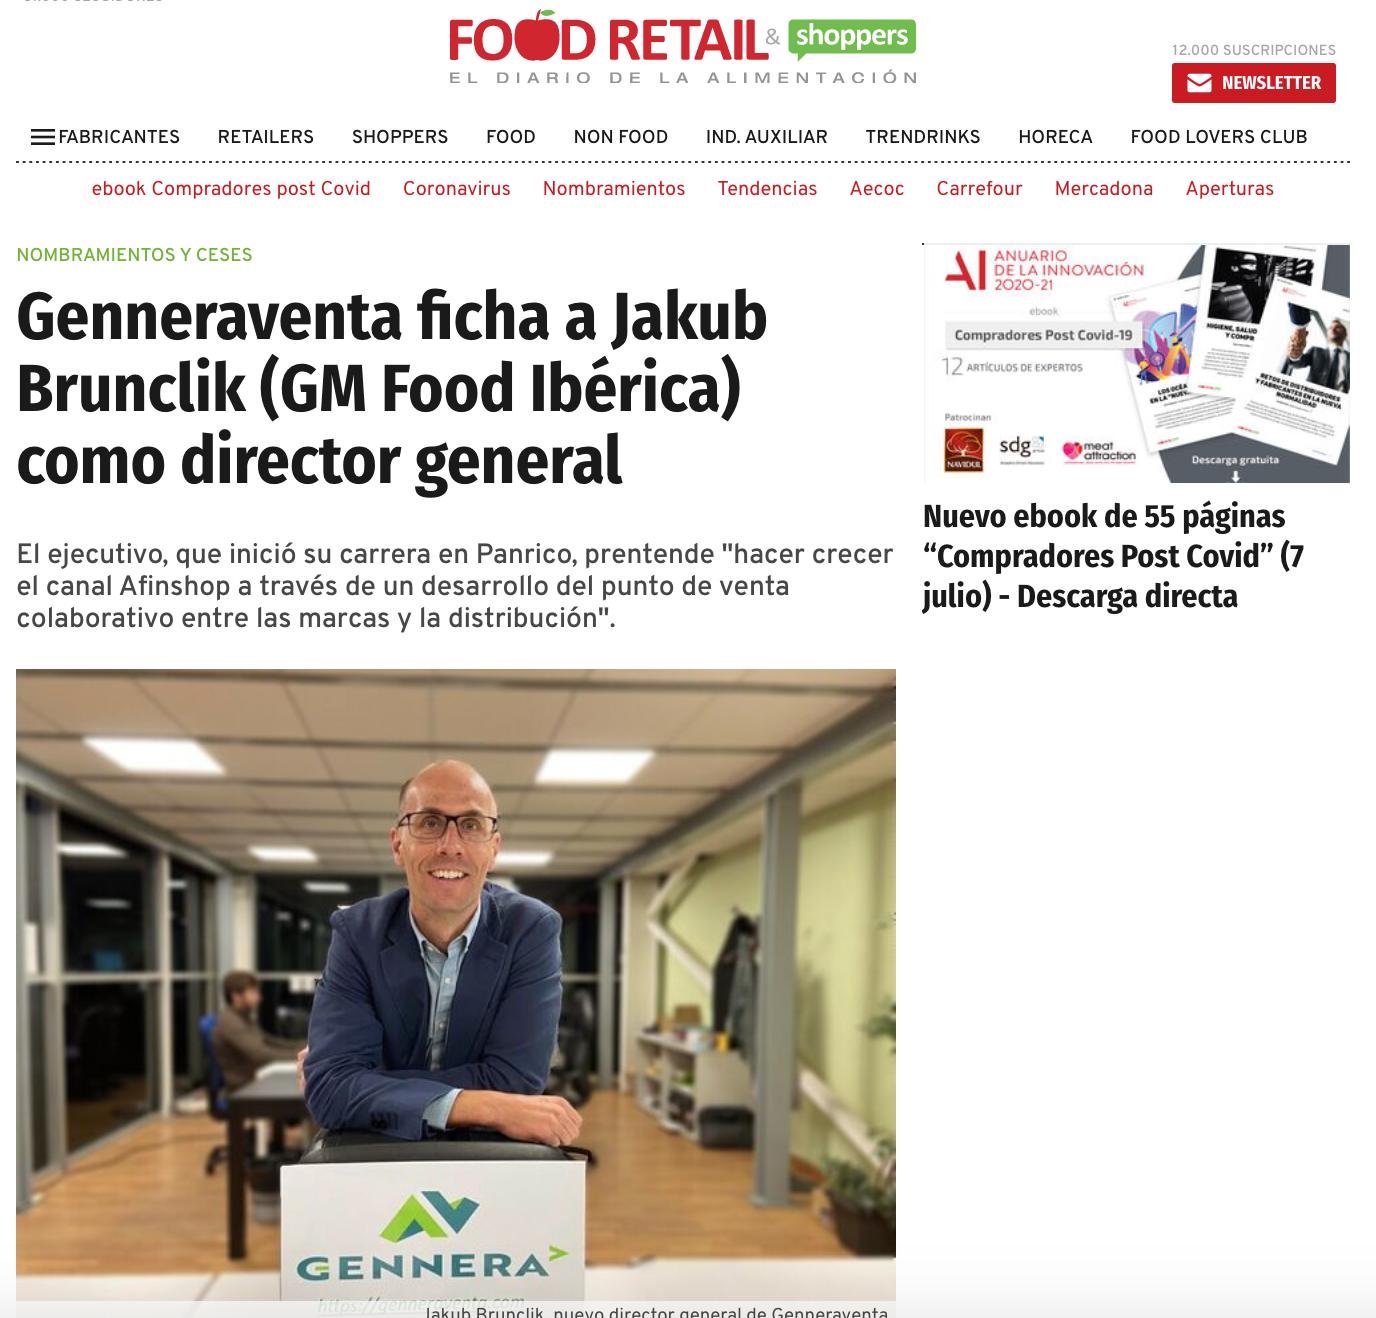 Genneraventa ficha a Jakub Brunclik (GM Food Ibérica) como Director General